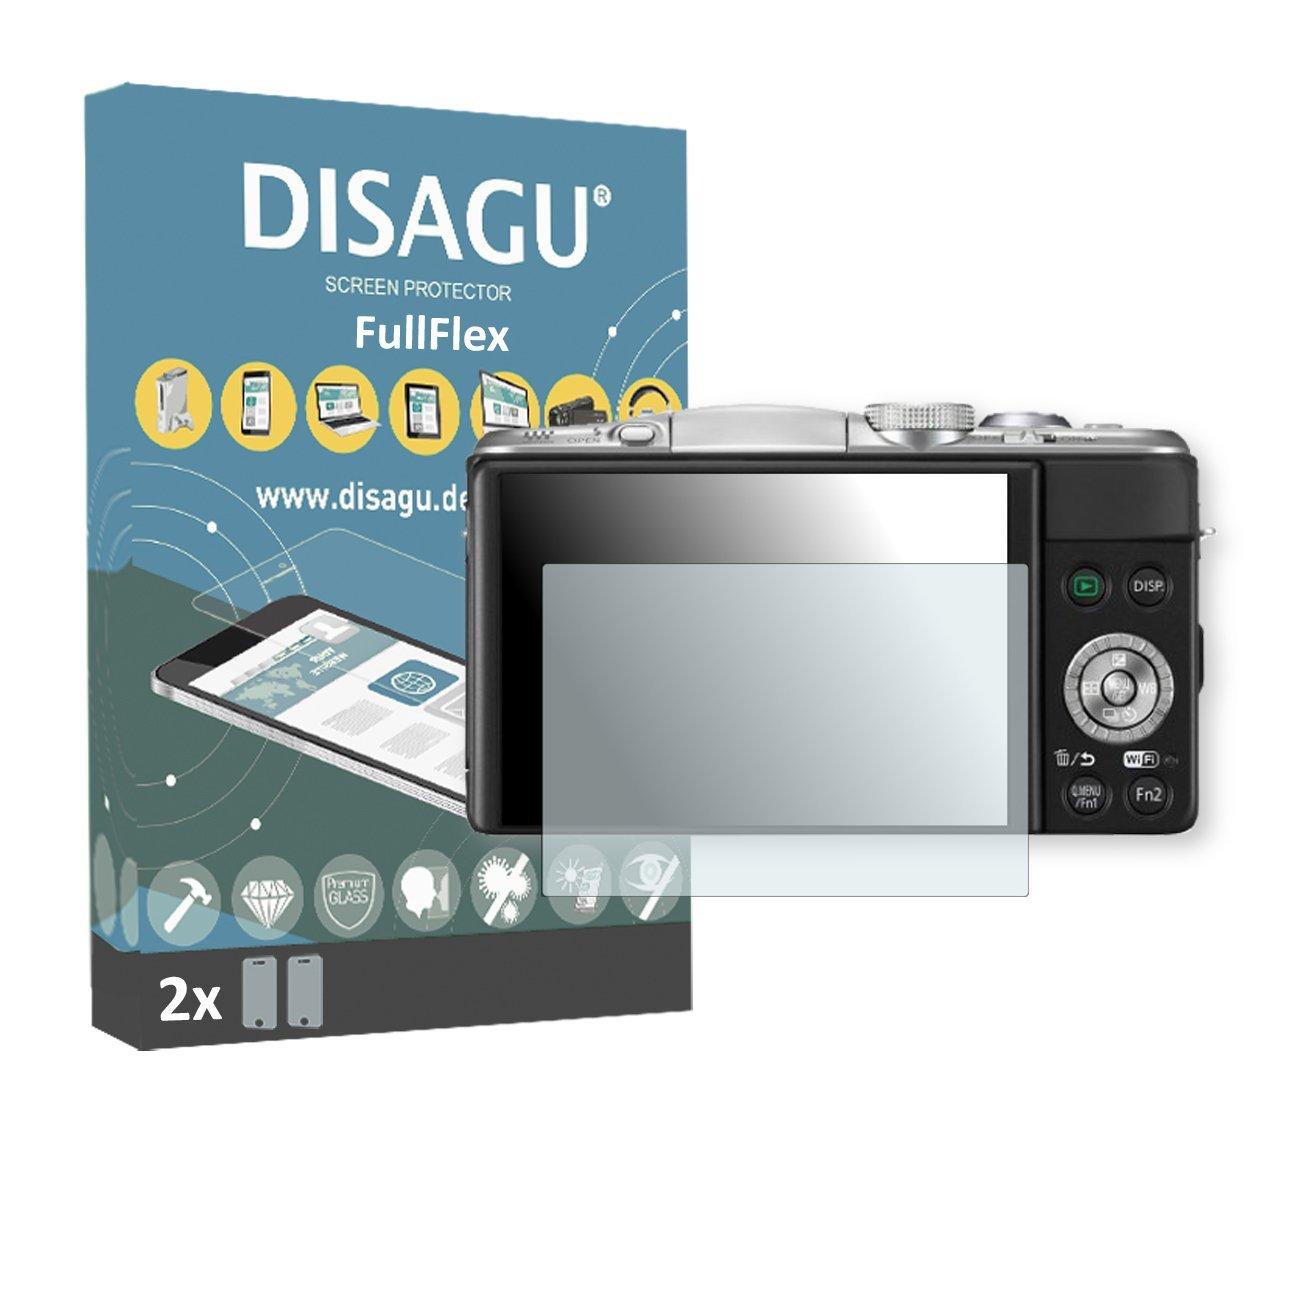 2 x Disagu FullFlex screen protector for Panasonic Lumix DMC-GF6K foil screen protector